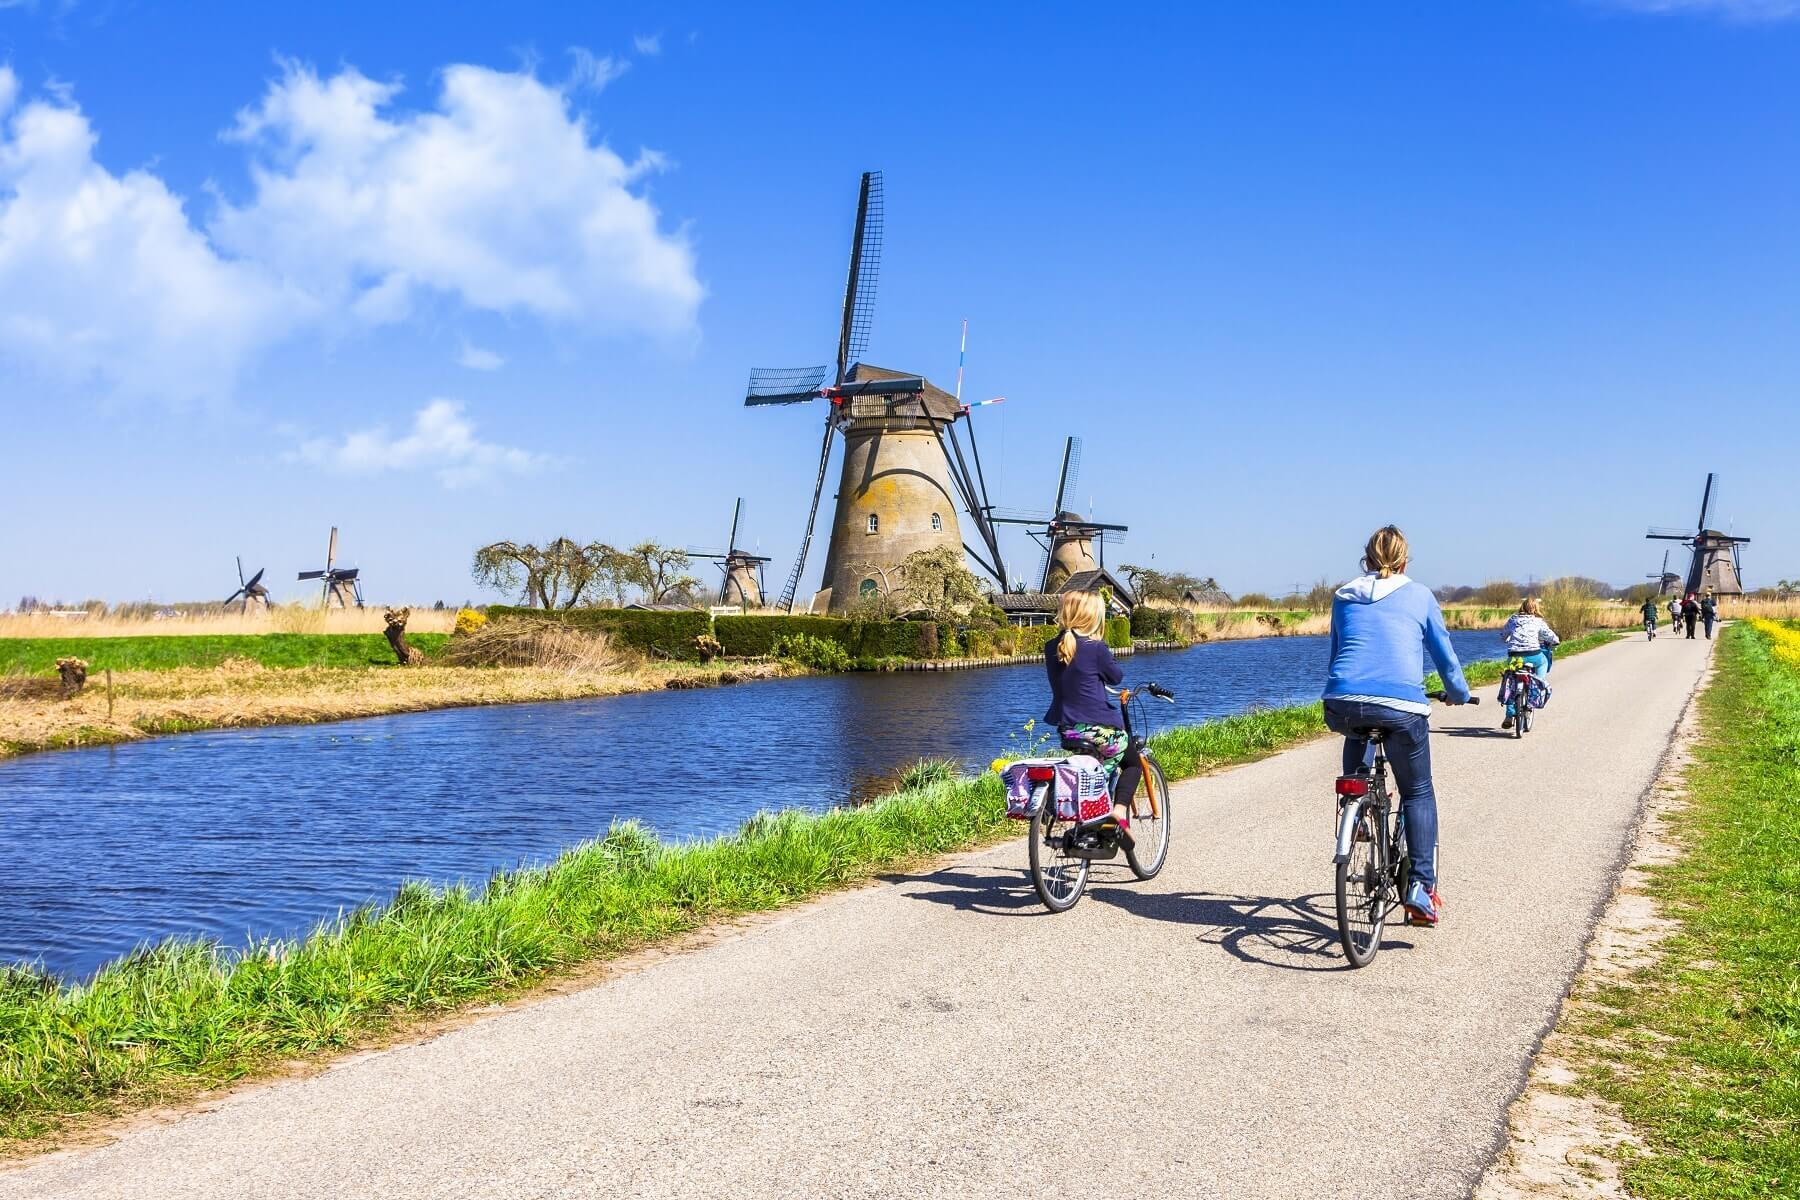 Guide de voyage au Pays-Bas - Ready to go